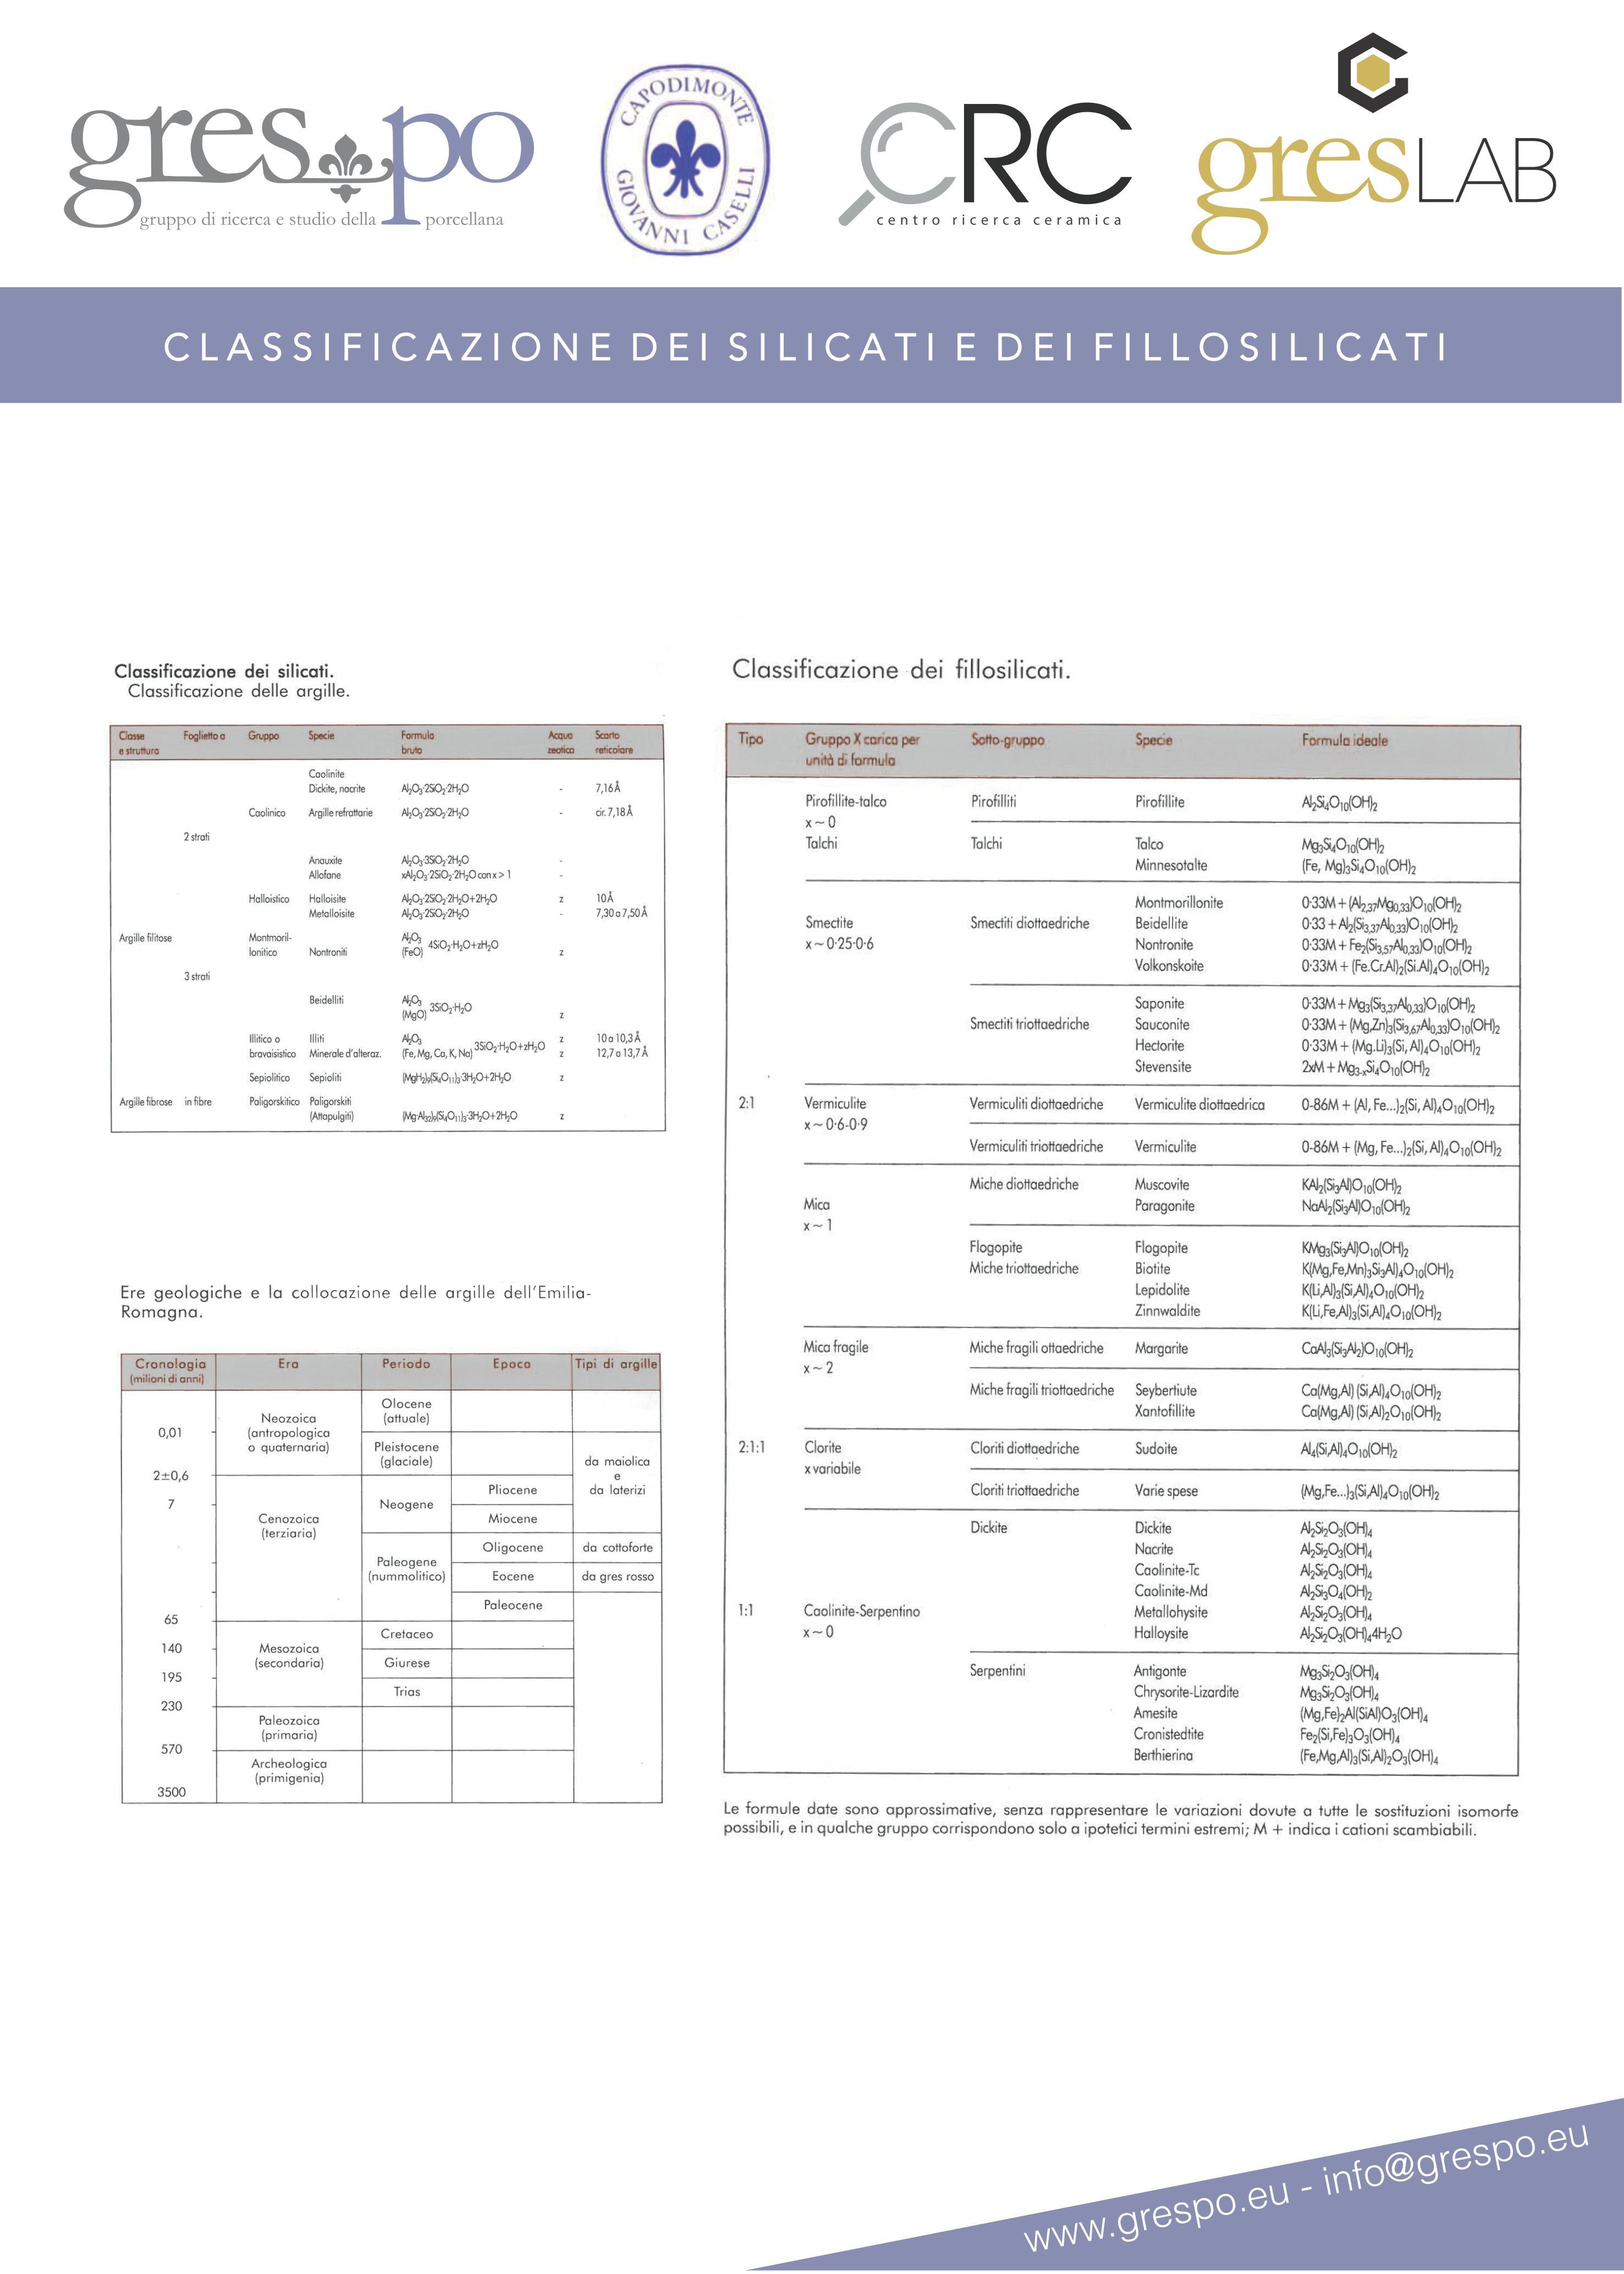 Classificazione dei silicati